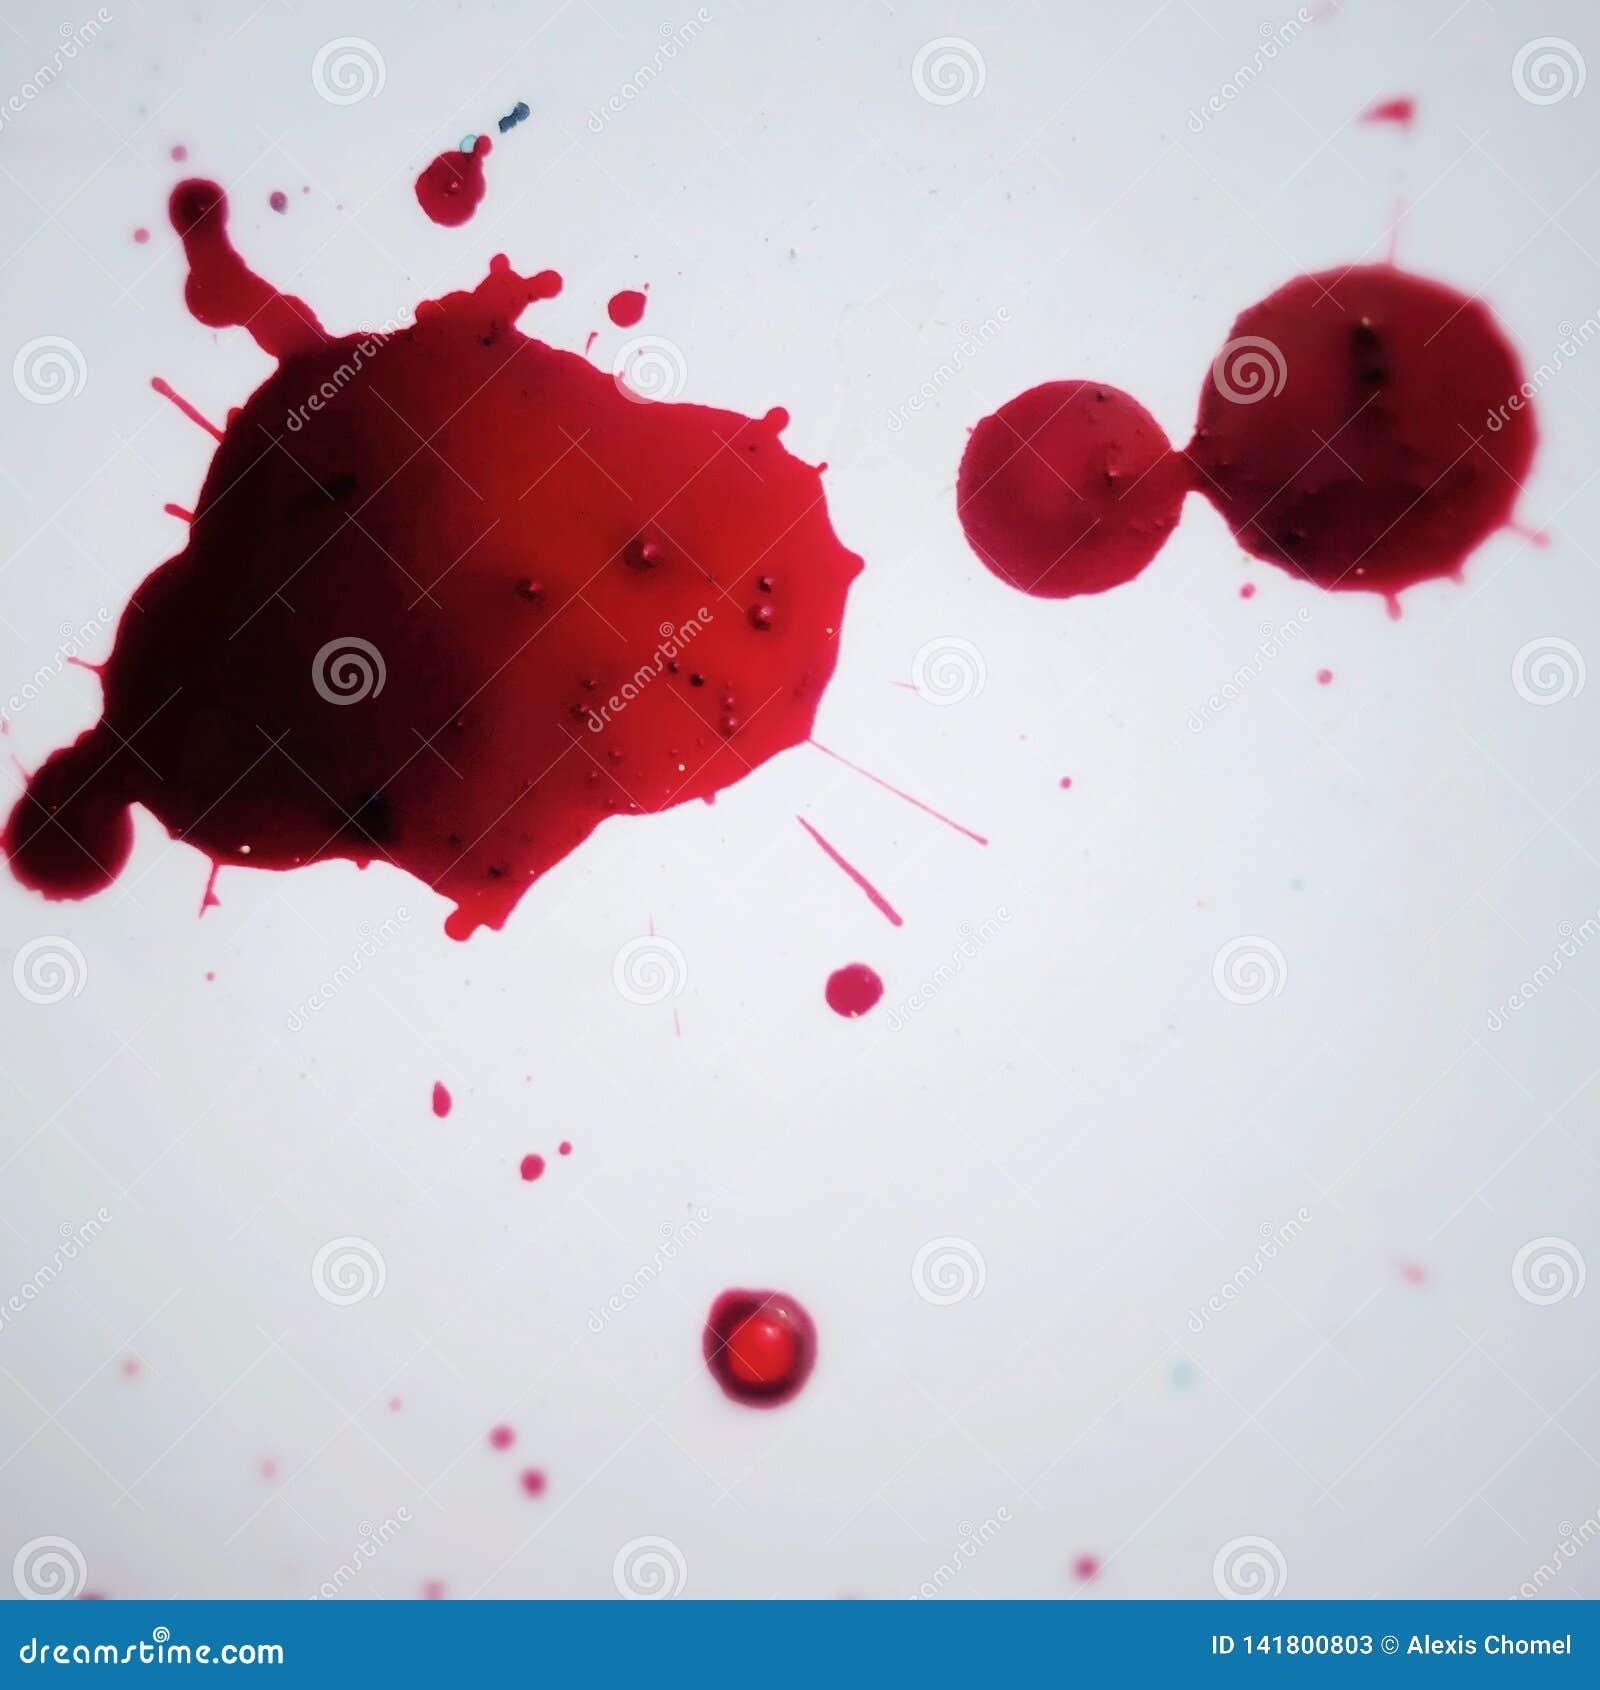 Macchia di sangue su fondo bianco